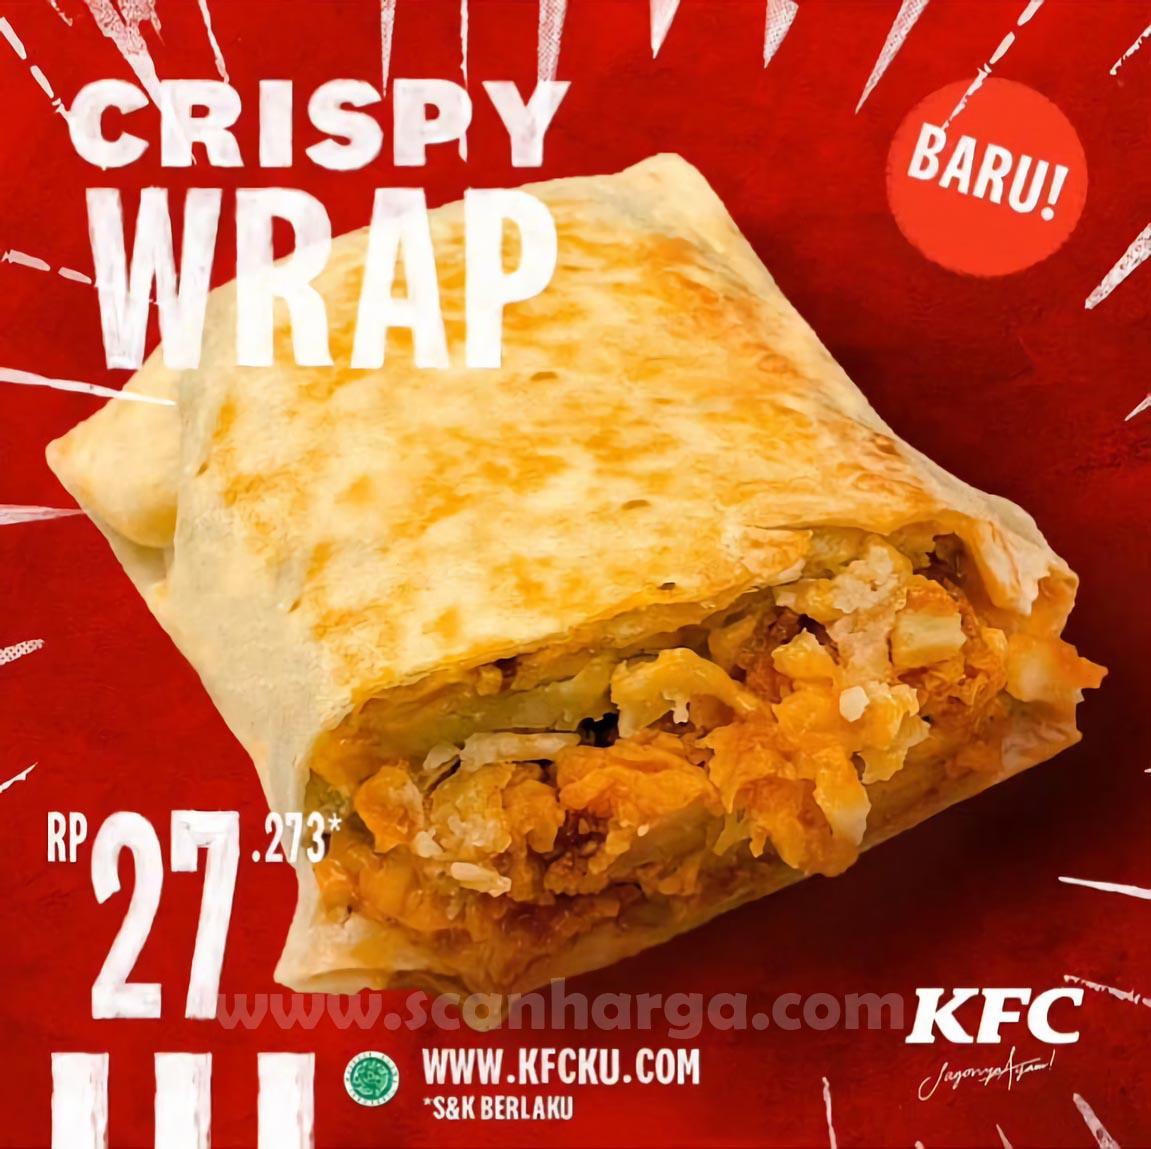 KFC Crispy Wrap Menu Baru Harga mulai Rp 27.273